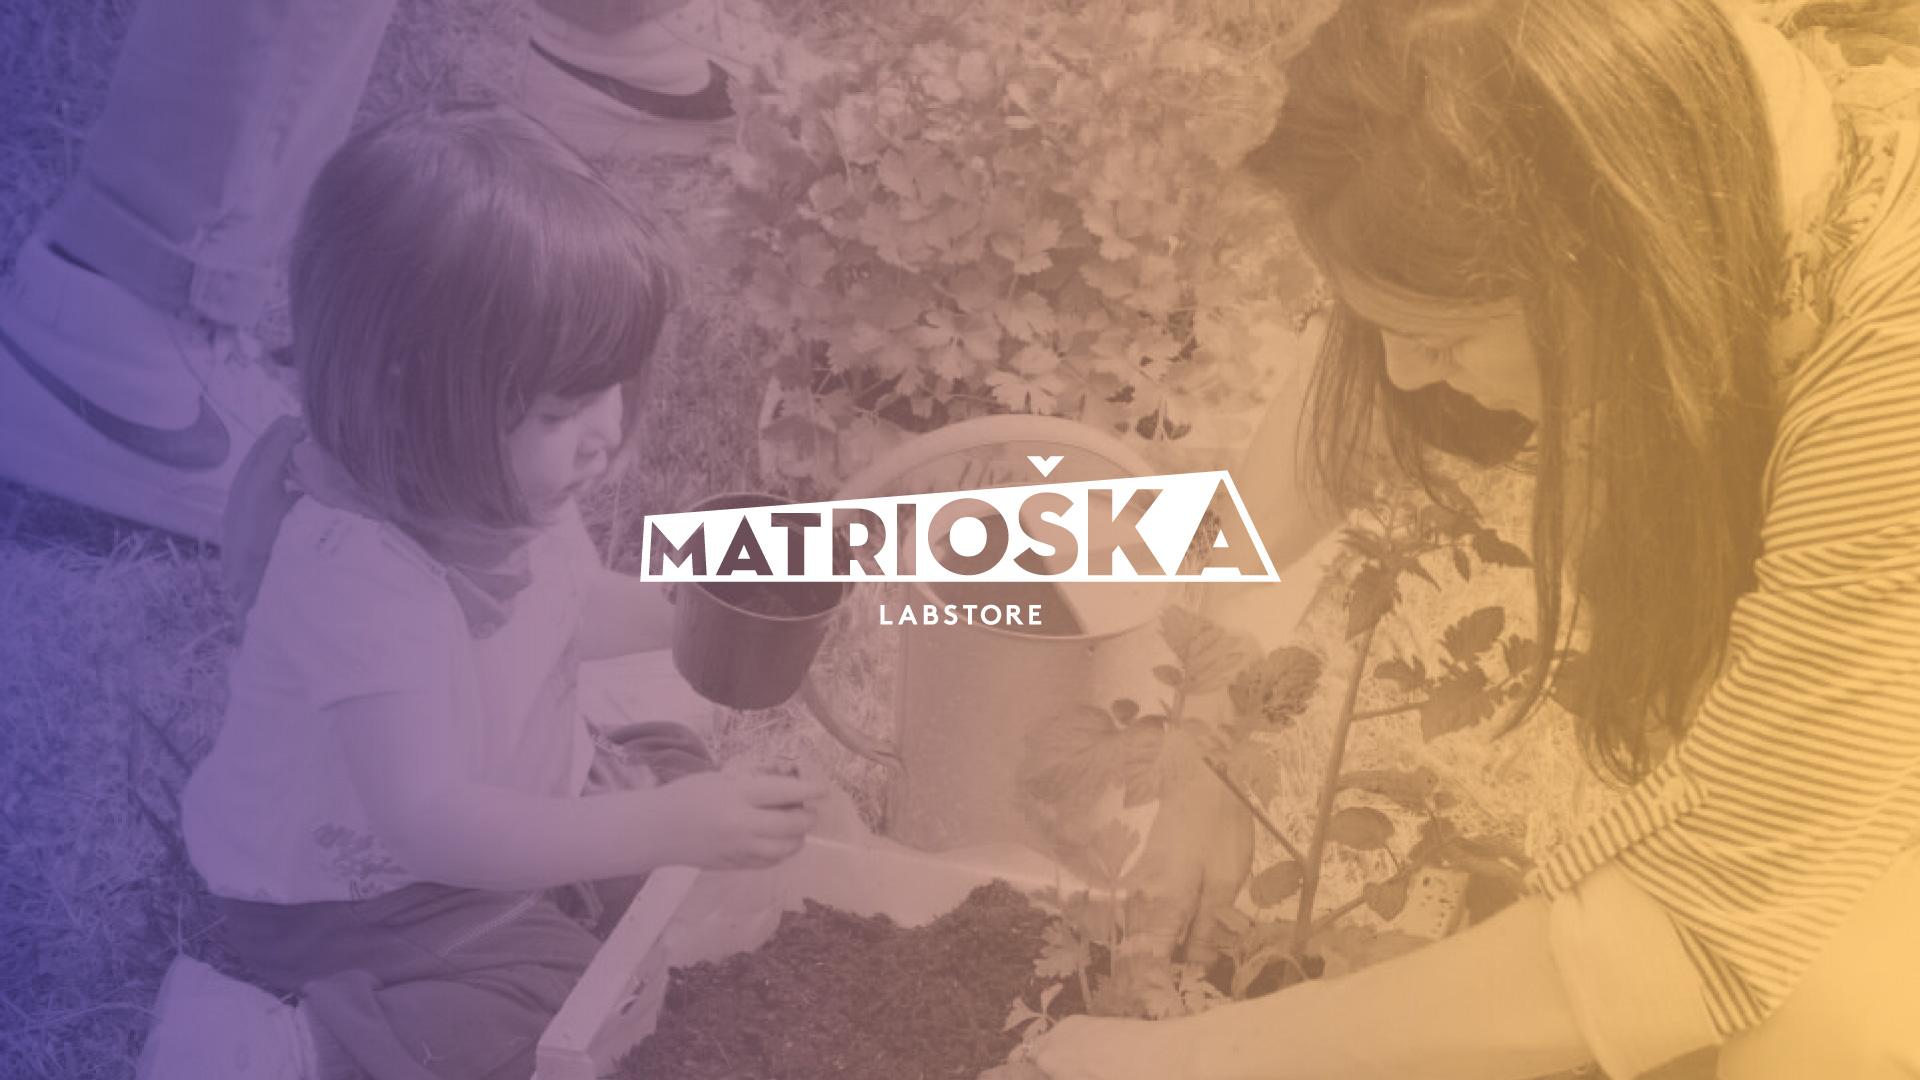 Matrioska_6_babylab